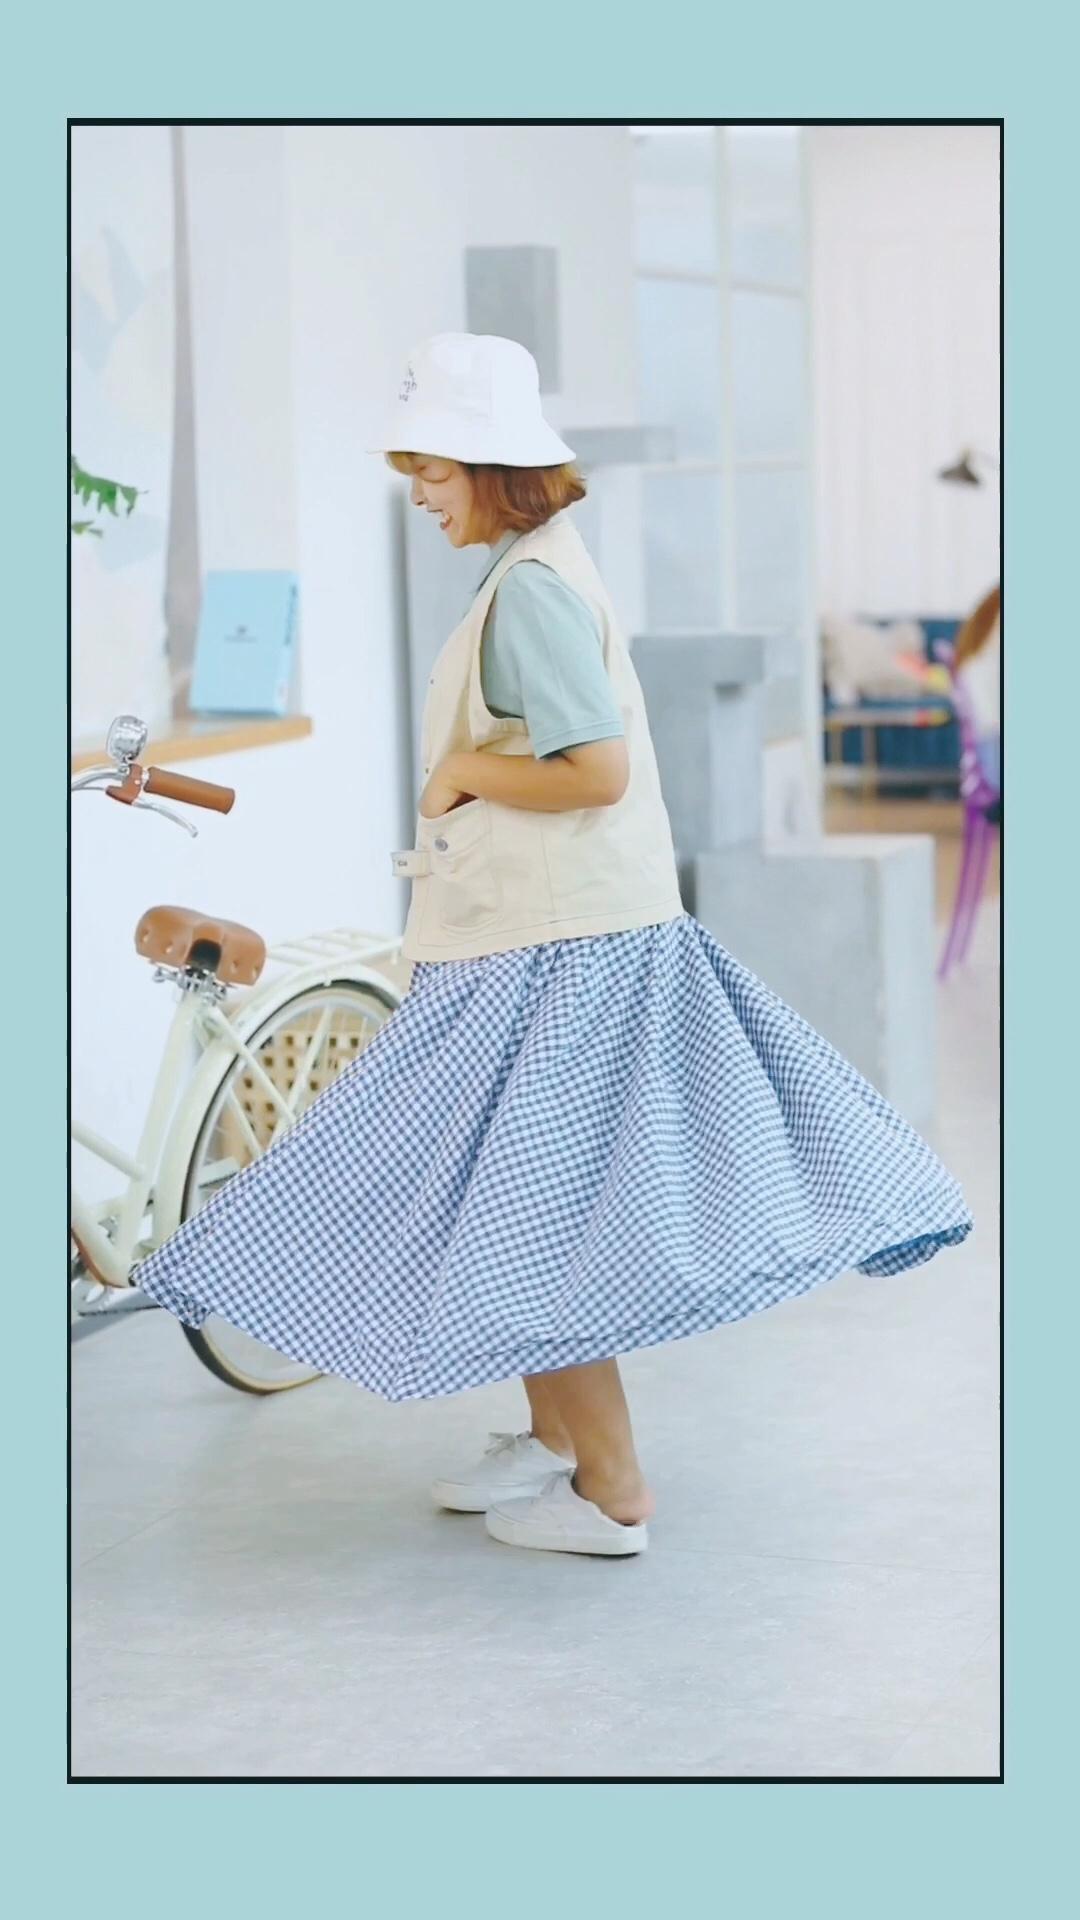 #A字裙XT恤,秒增10公分!#  ❤️半身裙裙摆很大, 可以说是穿上就想一直转圈圈! 蓝色格子也是很经典的元素, 也很好搭配衣服! 特别适合学生,很有乖乖女的感觉! ❤️绿色polo衫和蓝色格子裙真的很搭, 颜色上都很小清新! ❤️背心也是很重要的, 加一件马甲就会有些日系的感觉~